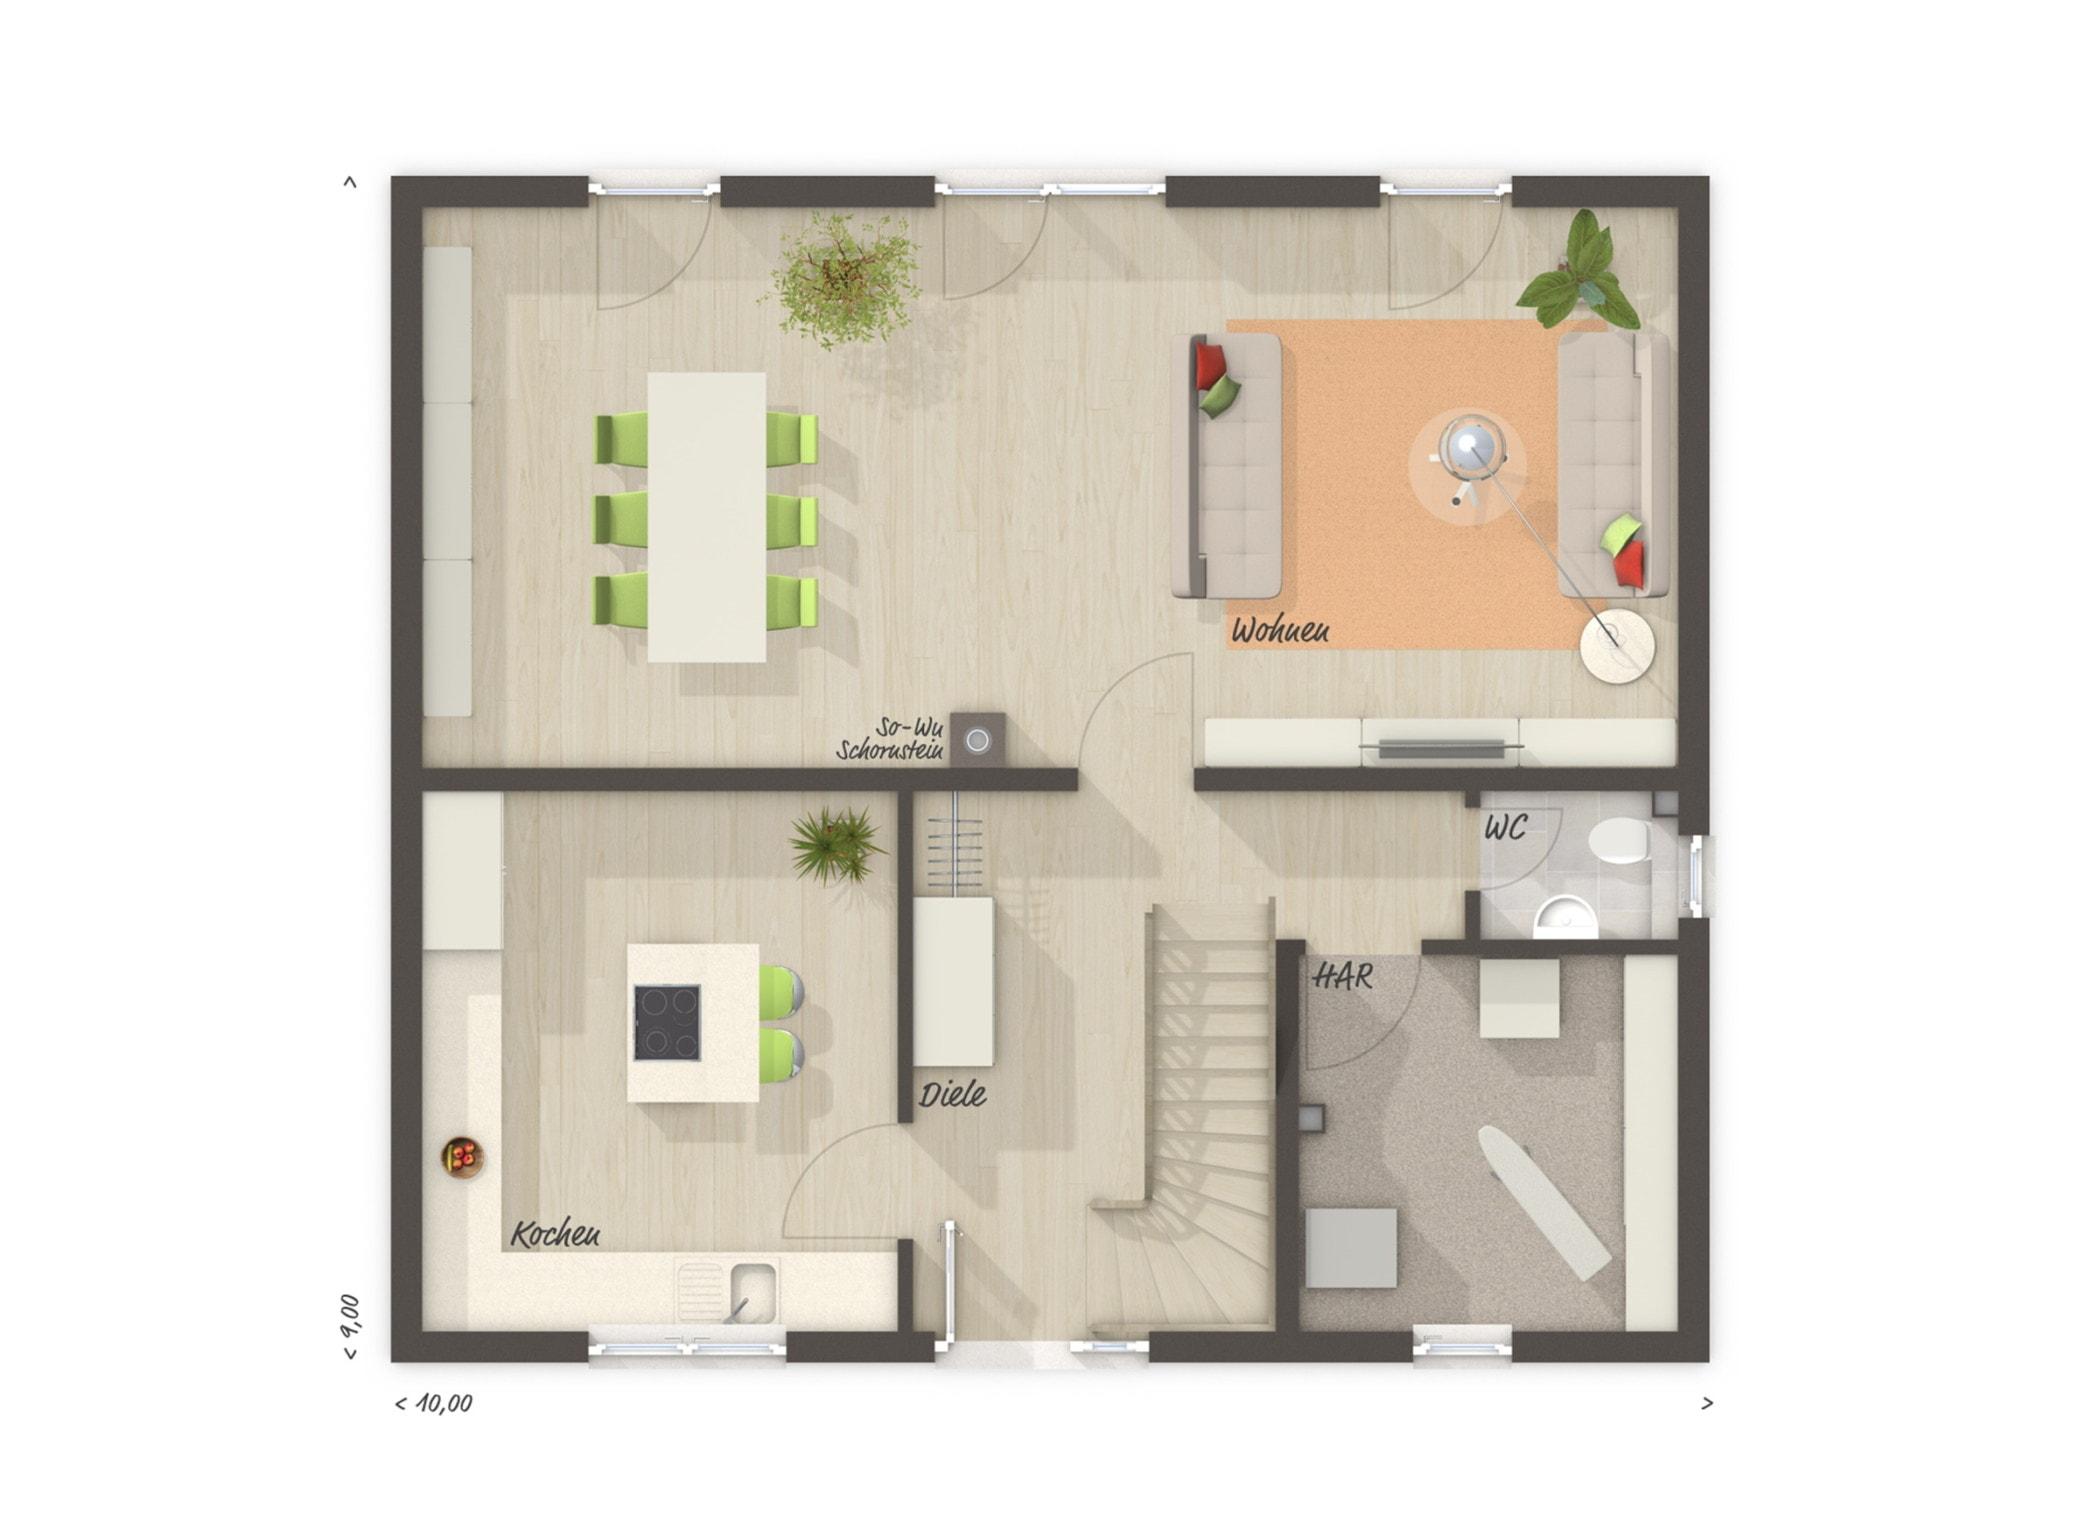 Grundriss Einfamilienhaus Erdgeschoss Küche geschlossen, 6 Zimmer, 130 qm - Massivhaus bauen Ideen Town Country Haus FLAIR 134 - HausbauDirekt.de